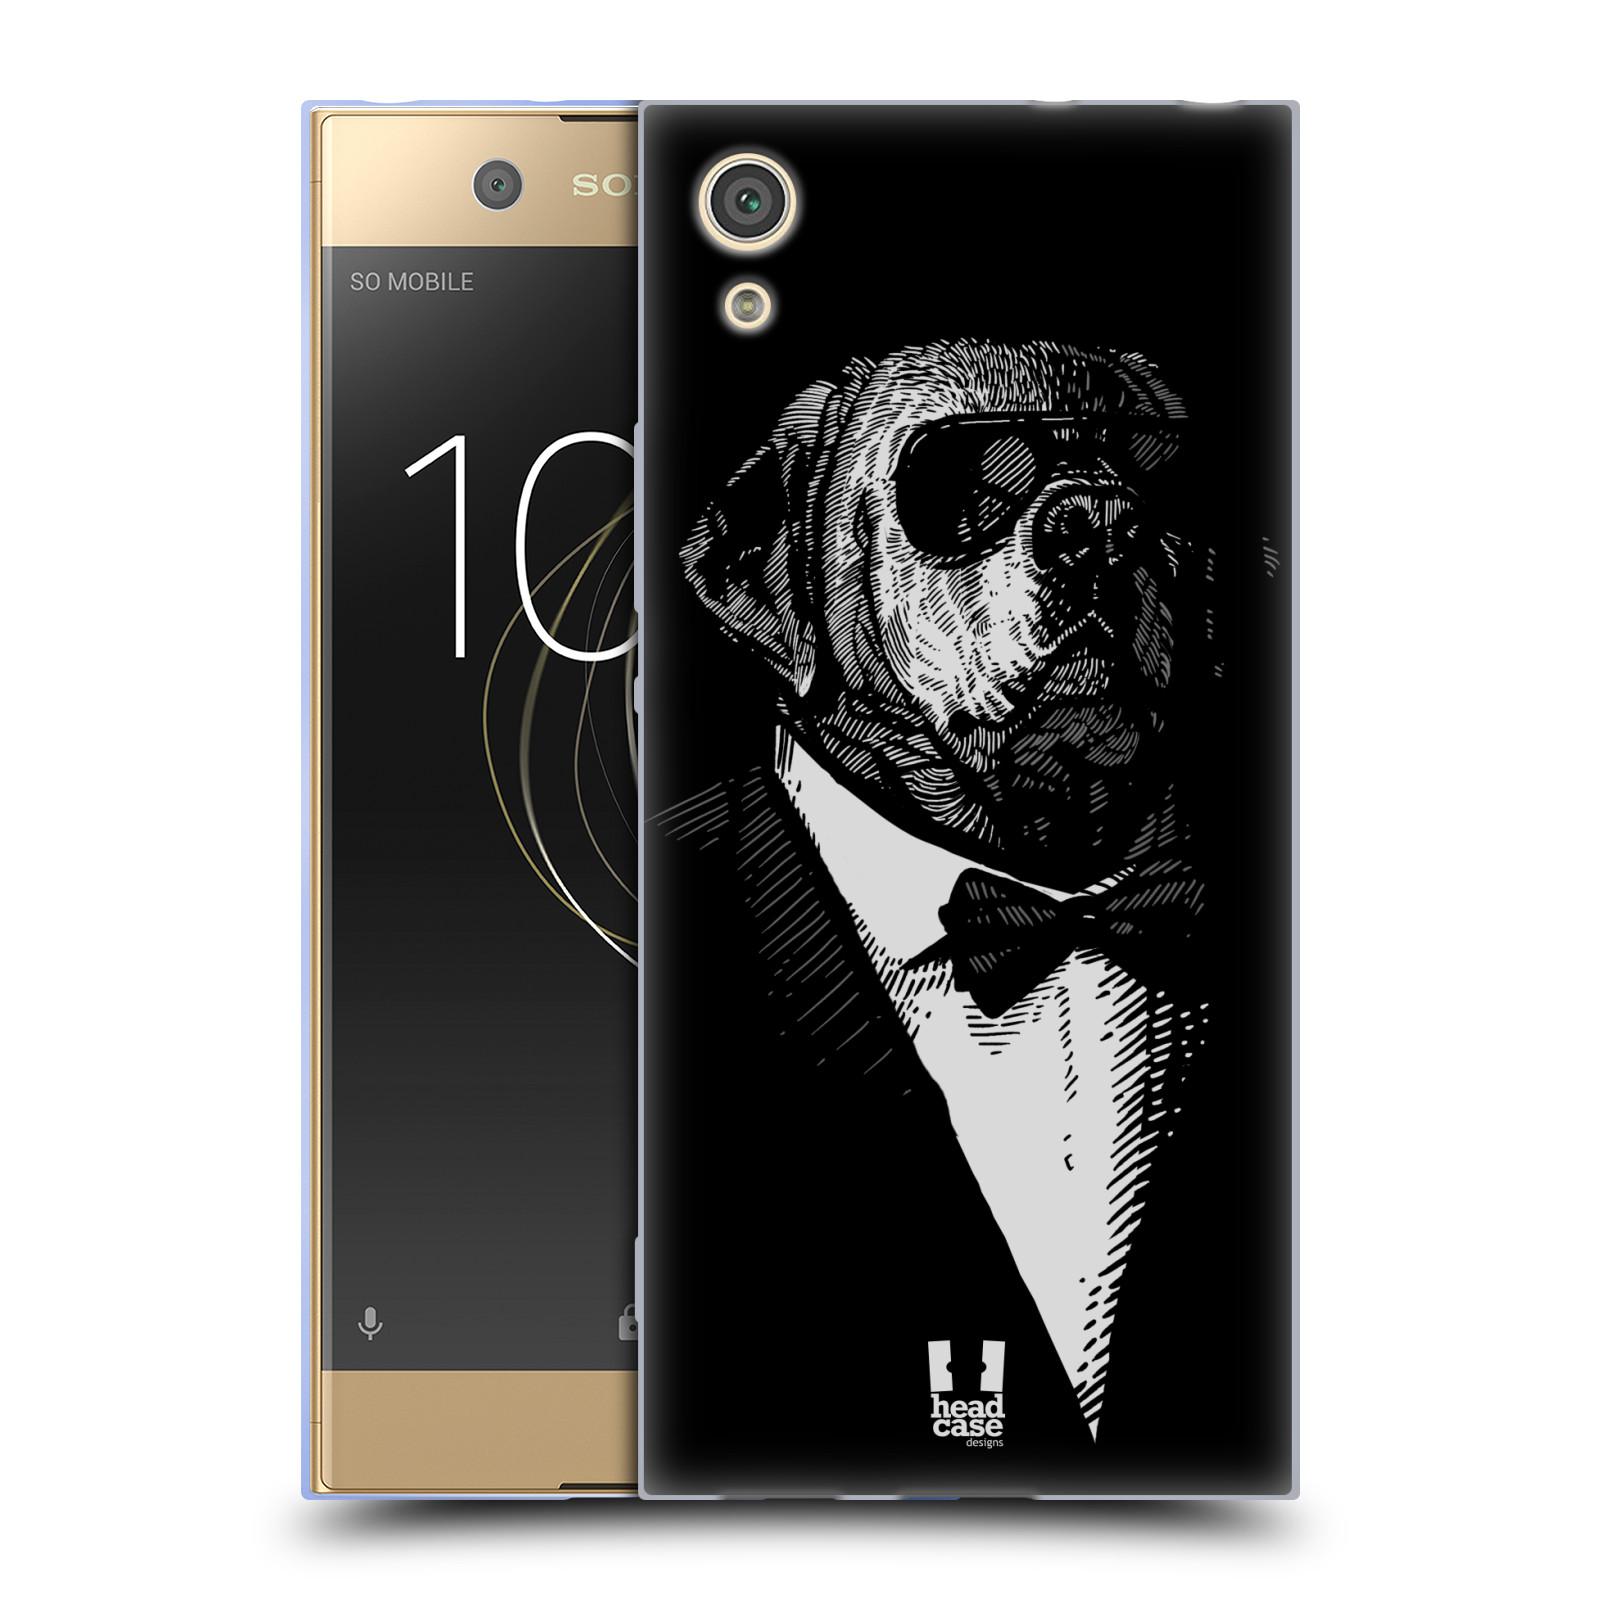 HEAD CASE silikonový obal na mobil Sony Xperia XA1 / XA1 DUAL SIM vzor Zvíře v obleku pes